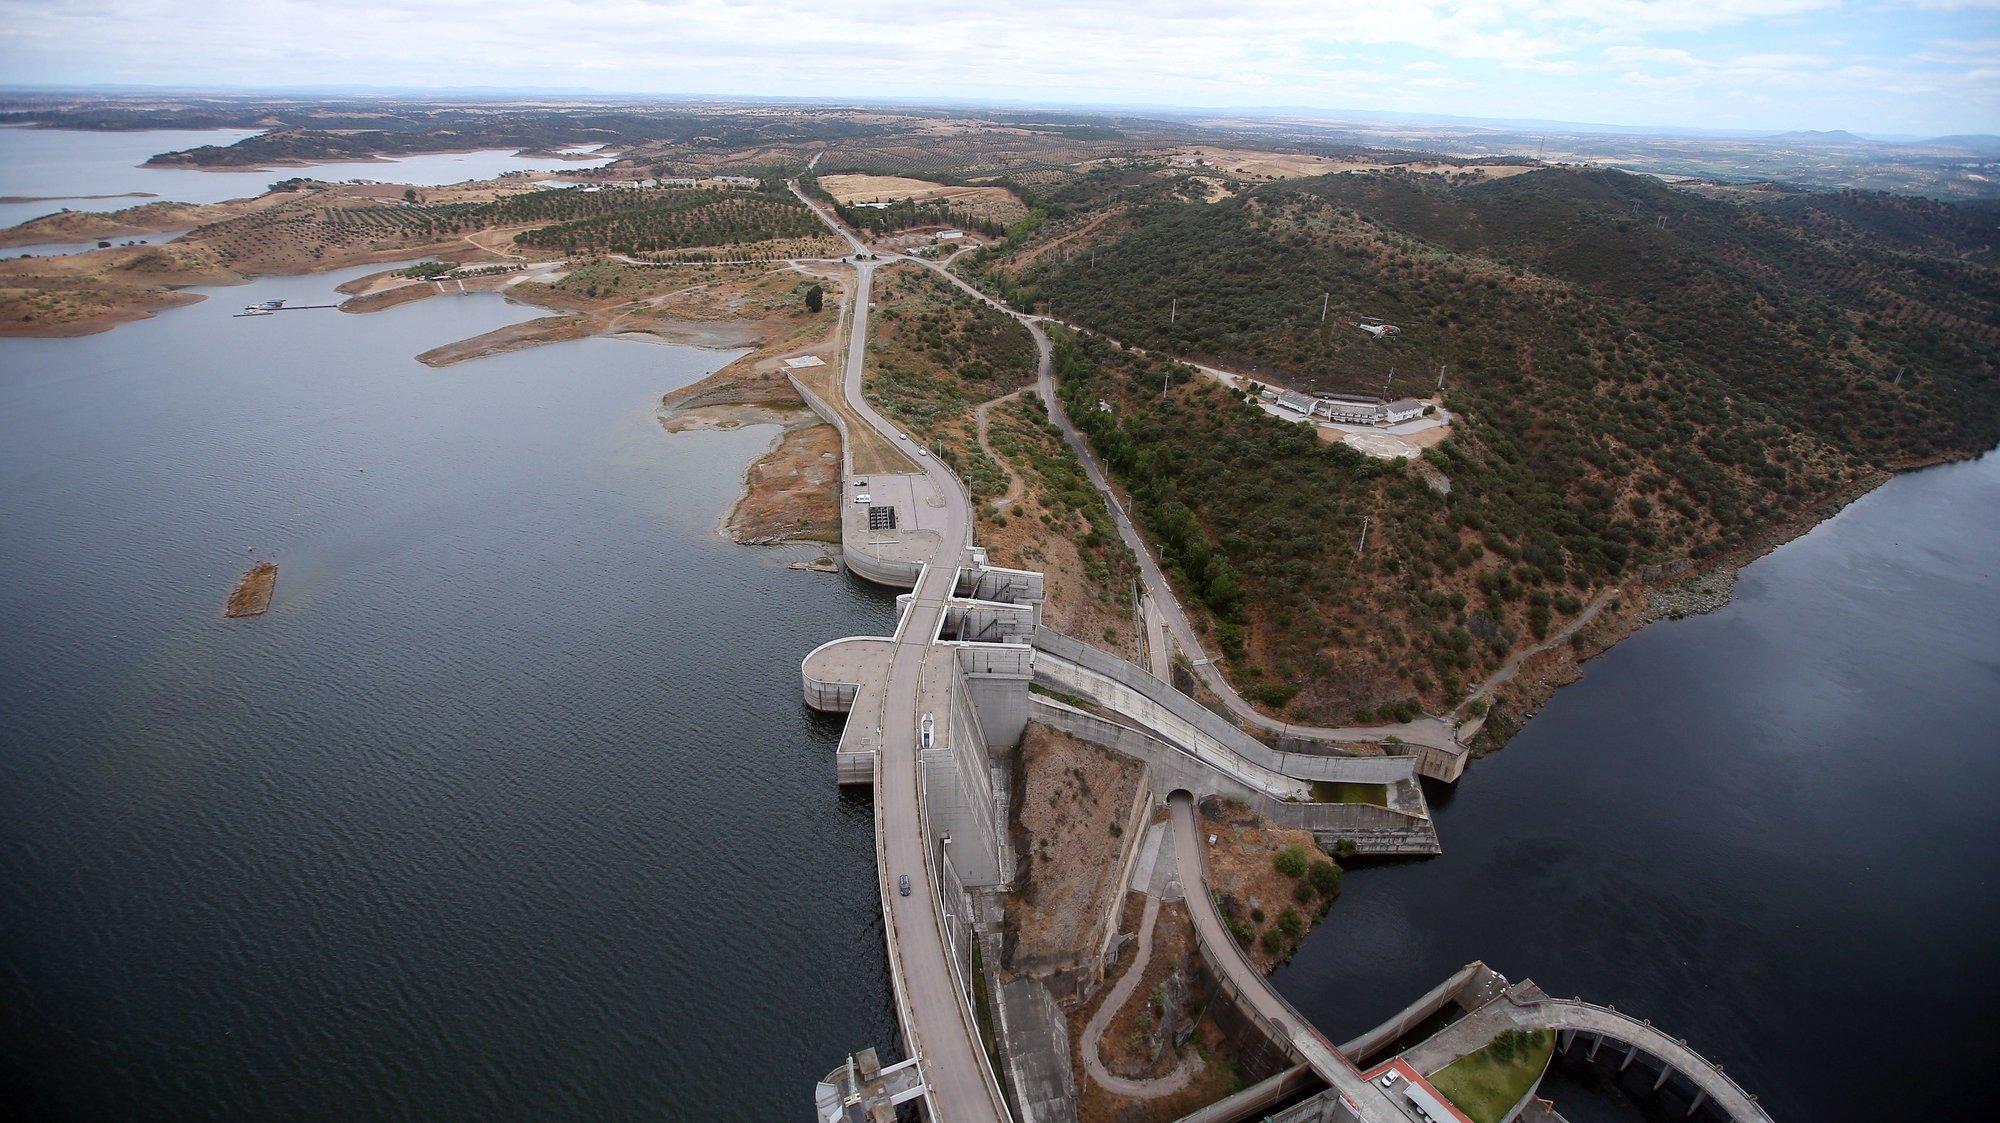 Barragem de Alqueva, 16 de junho de 2020. NUNO VEIGA/LUSA